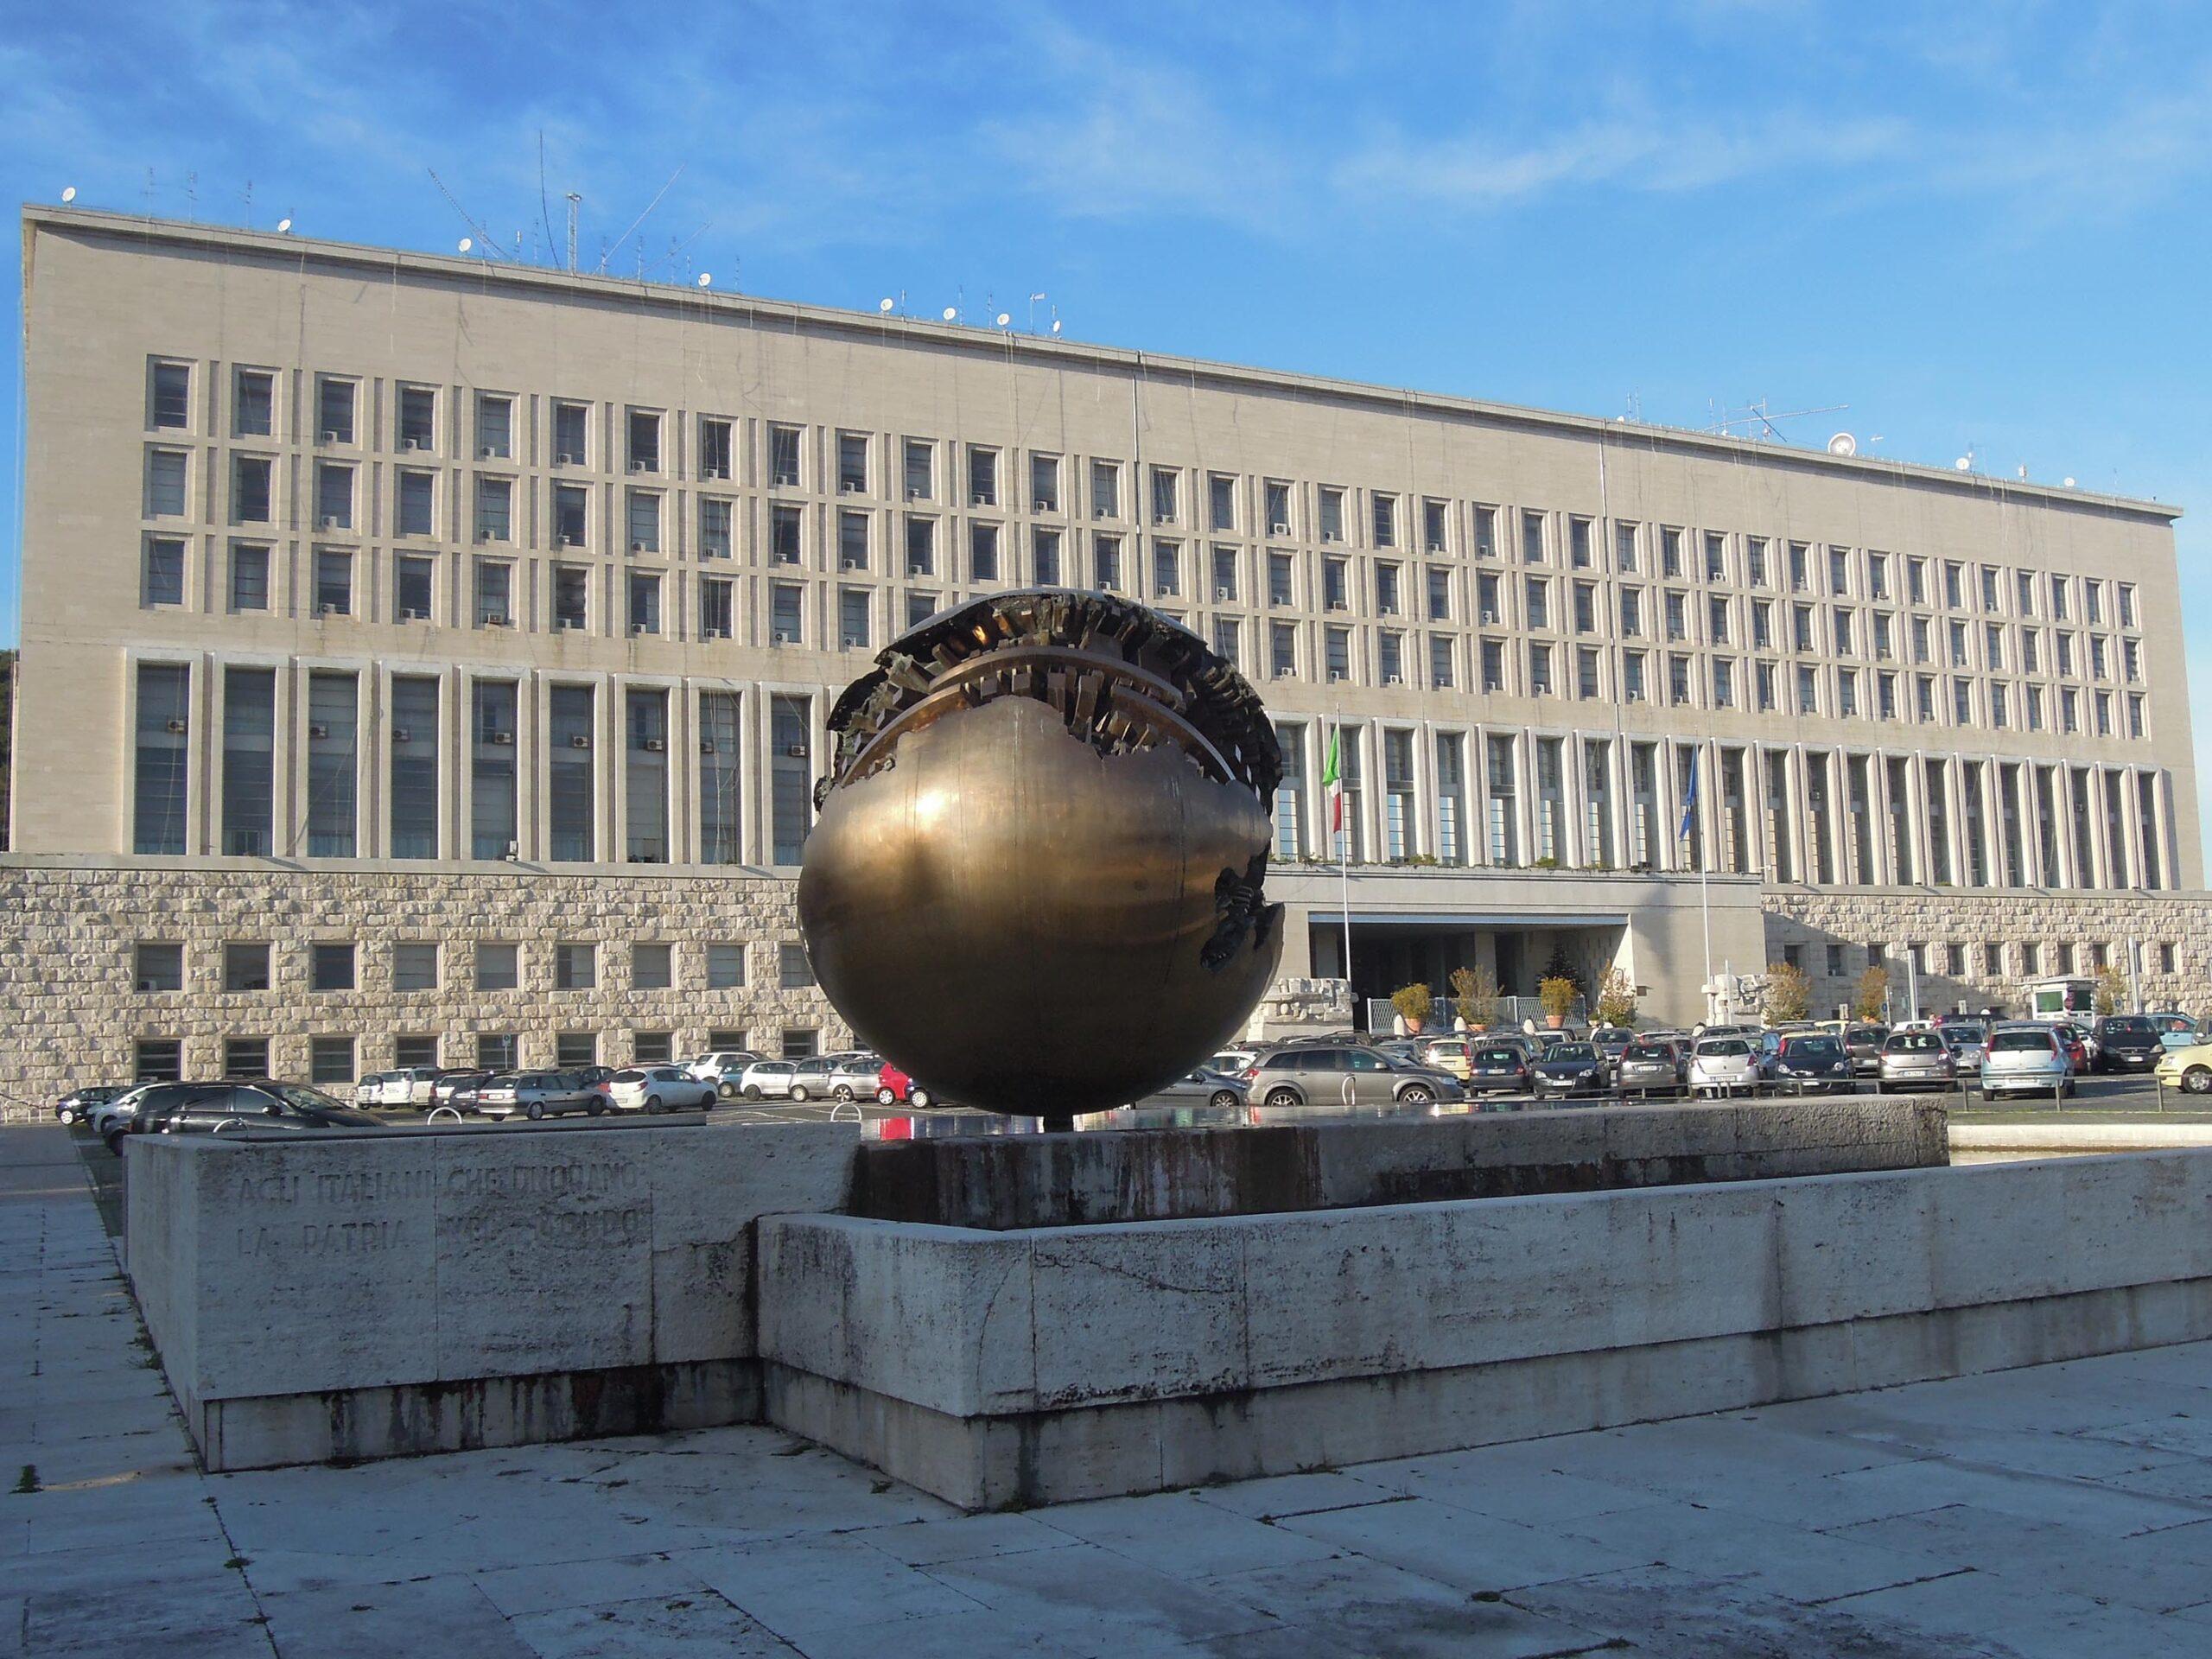 Sicurezza e cyber diplomacy, così può crescere il sistema Italia. Parla l'ambasciatore Talò